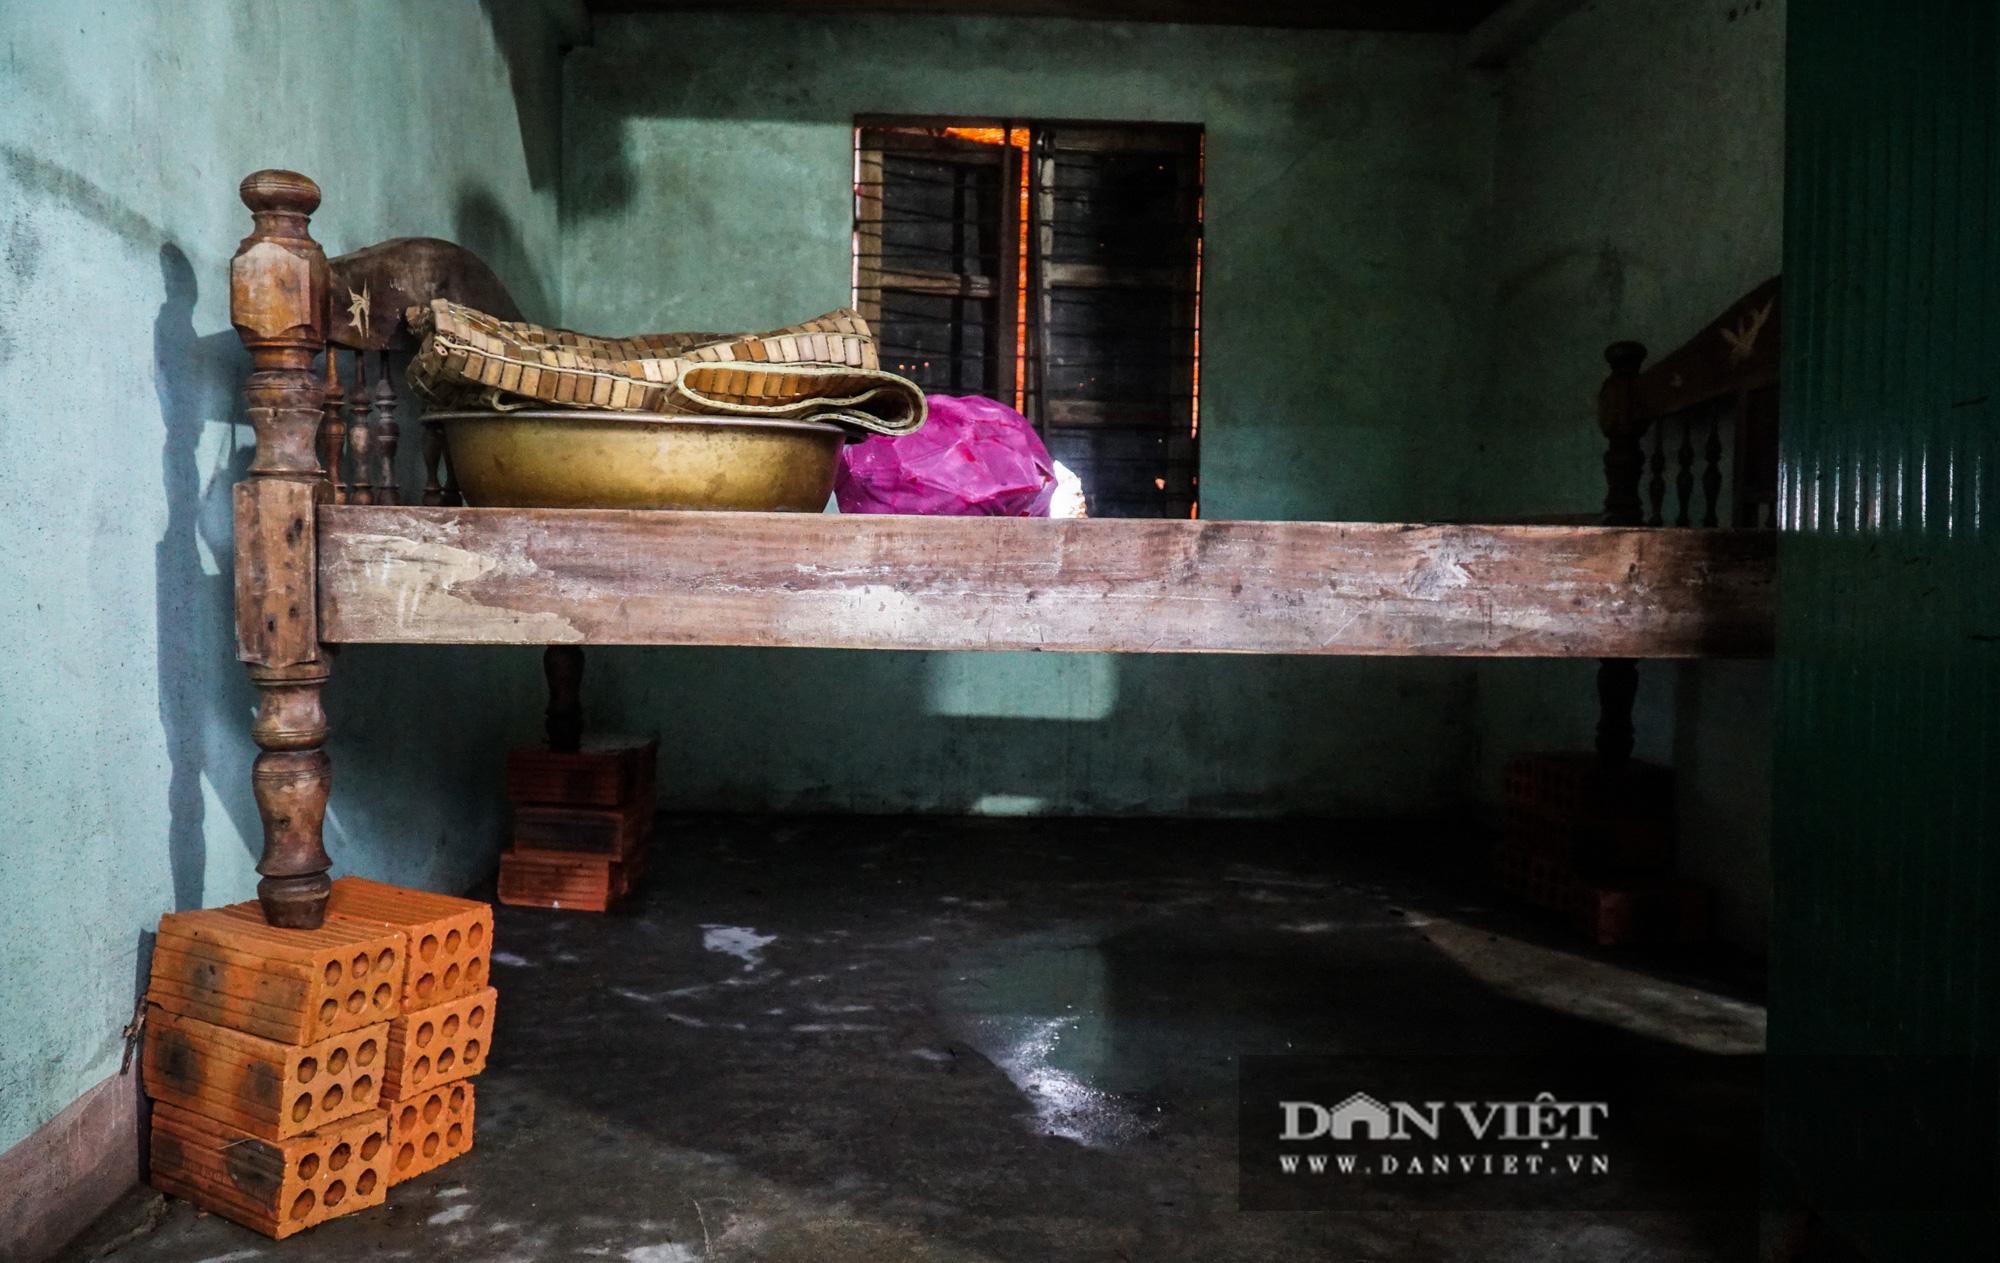 Người dân Quảng trị khóc ròng vì lúa mọc mầm, nhà cửa tan hoang sau lũ - Ảnh 9.